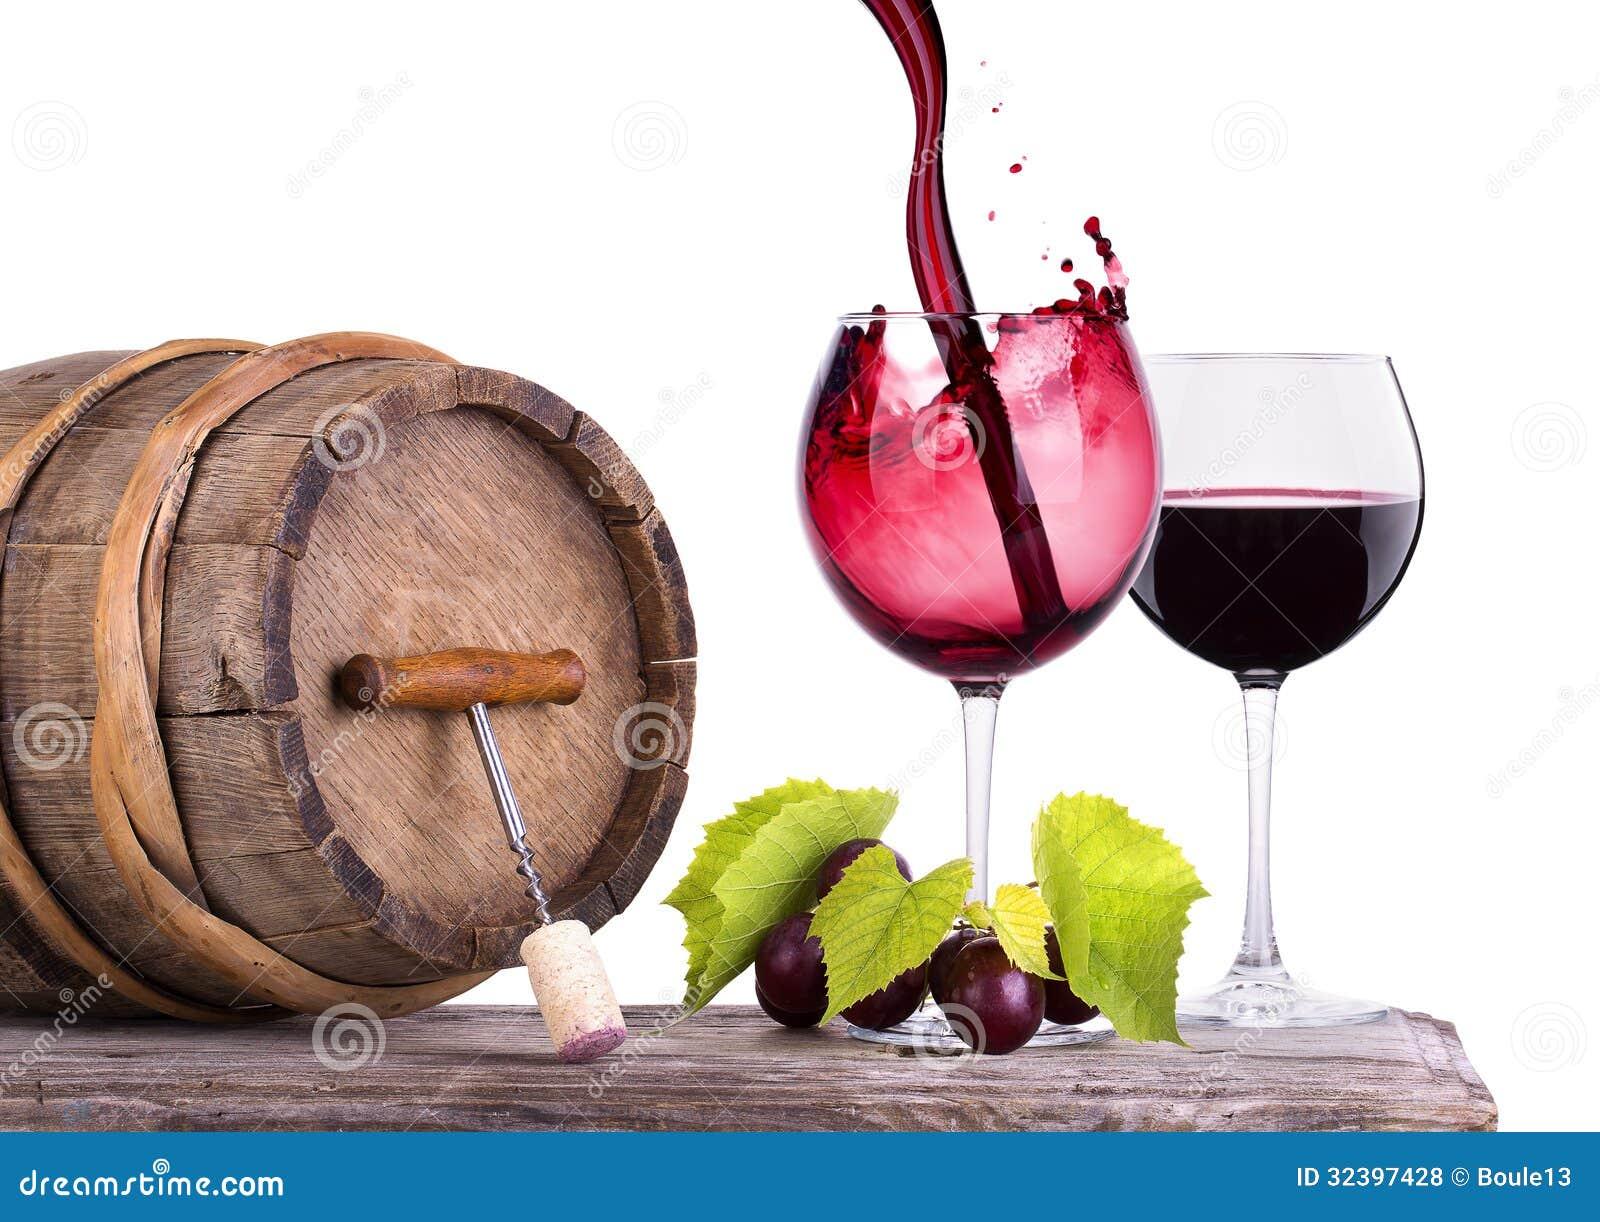 vin rouge verre et baril avec des raisins photo stock image du baisse composition 32397428. Black Bedroom Furniture Sets. Home Design Ideas